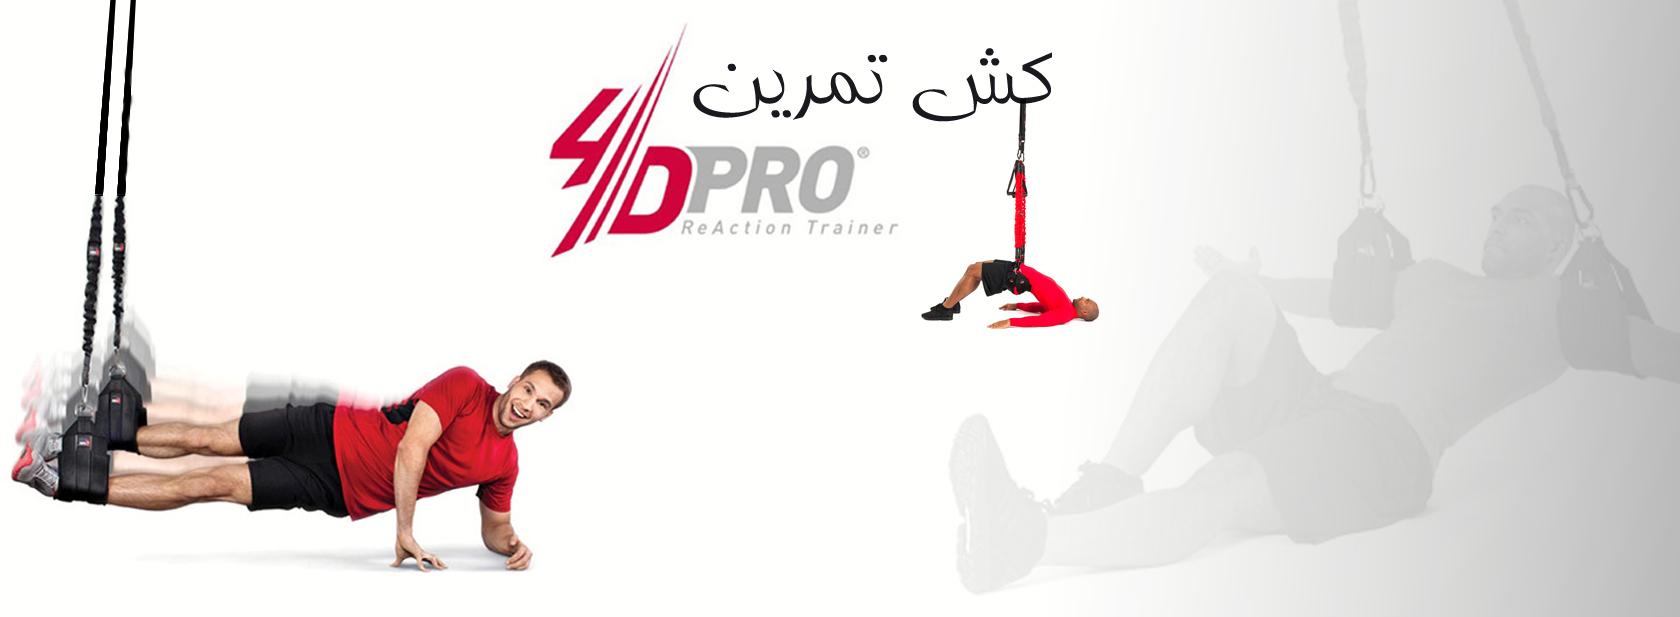 4d pro